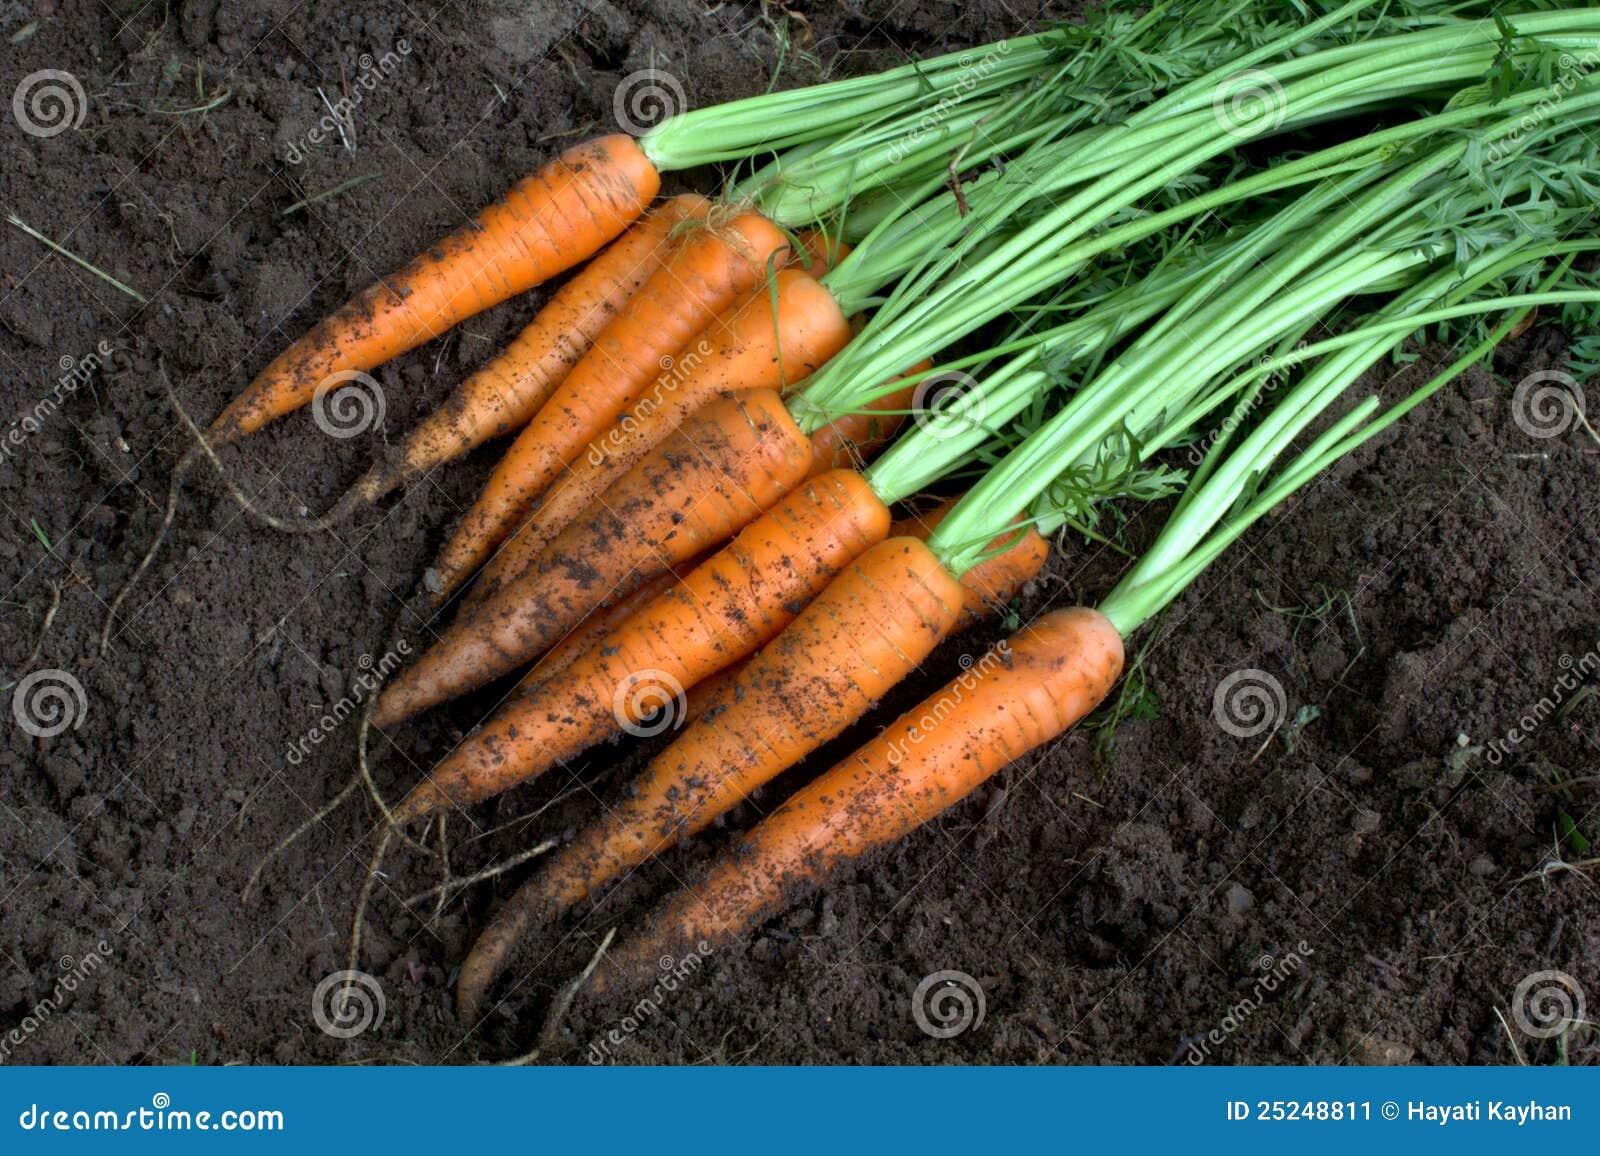 New harvest fresh organic carrots on soil stock image for Harvest organic soil